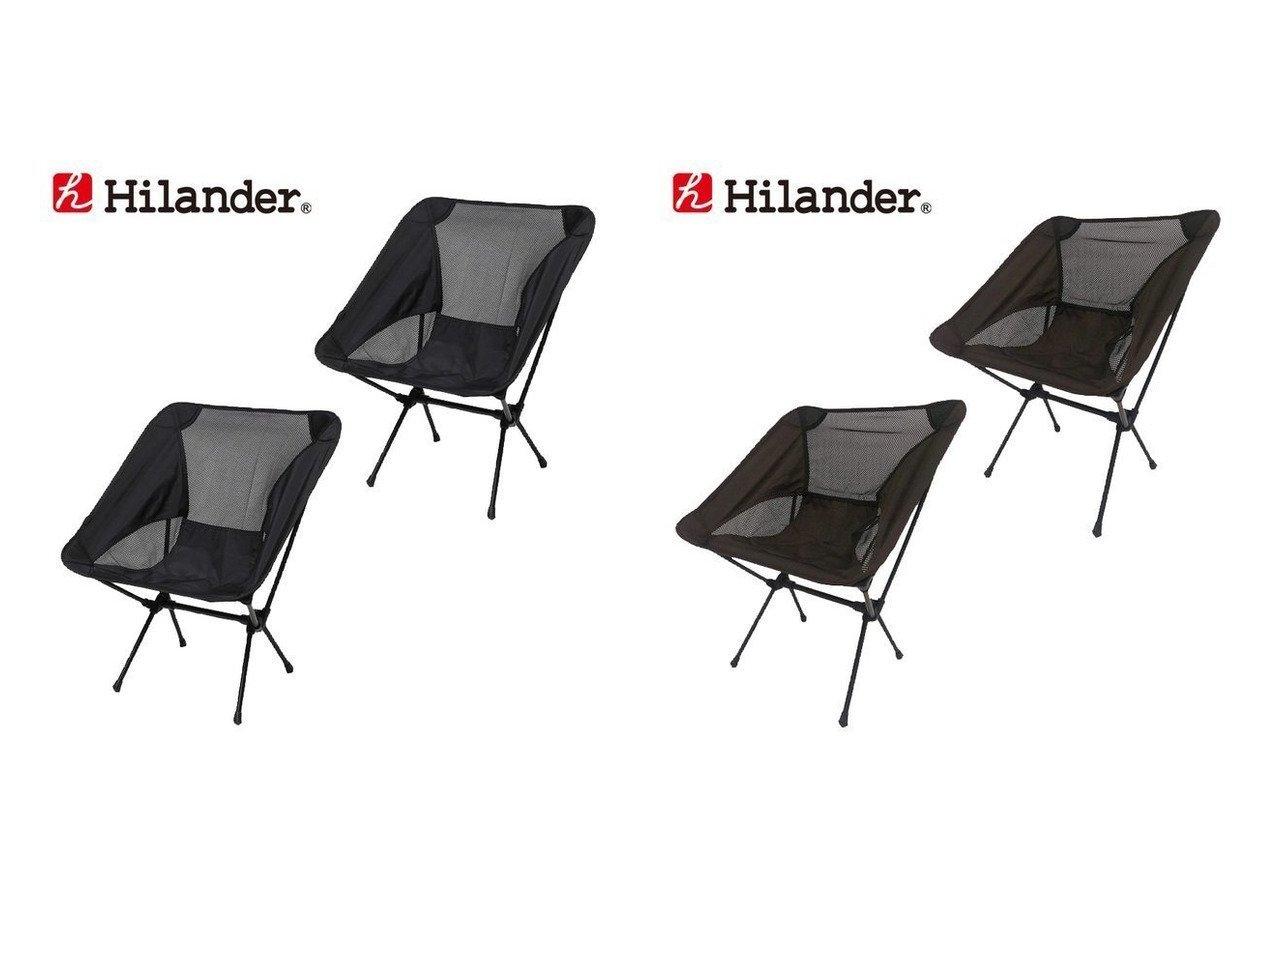 【Hilander/ハイランダー】のアルミコンパクトチェア お得な2点セット&アルミコンパクトチェア お得な2点セット 【アウトドアチェア】おすすめ!人気キャンプ・アウトドア用品の通販 おすすめで人気の流行・トレンド、ファッションの通販商品 インテリア・家具・メンズファッション・キッズファッション・レディースファッション・服の通販 founy(ファニー) https://founy.com/ アウトドア コンパクト スタンド テーブル フレーム 軽量 ホーム・キャンプ・アウトドア Home,Garden,Outdoor,Camping Gear キャンプ用品・アウトドア  Camping Gear & Outdoor Supplies チェア テーブル Camp Chairs, Camping Tables  ID:crp329100000050197